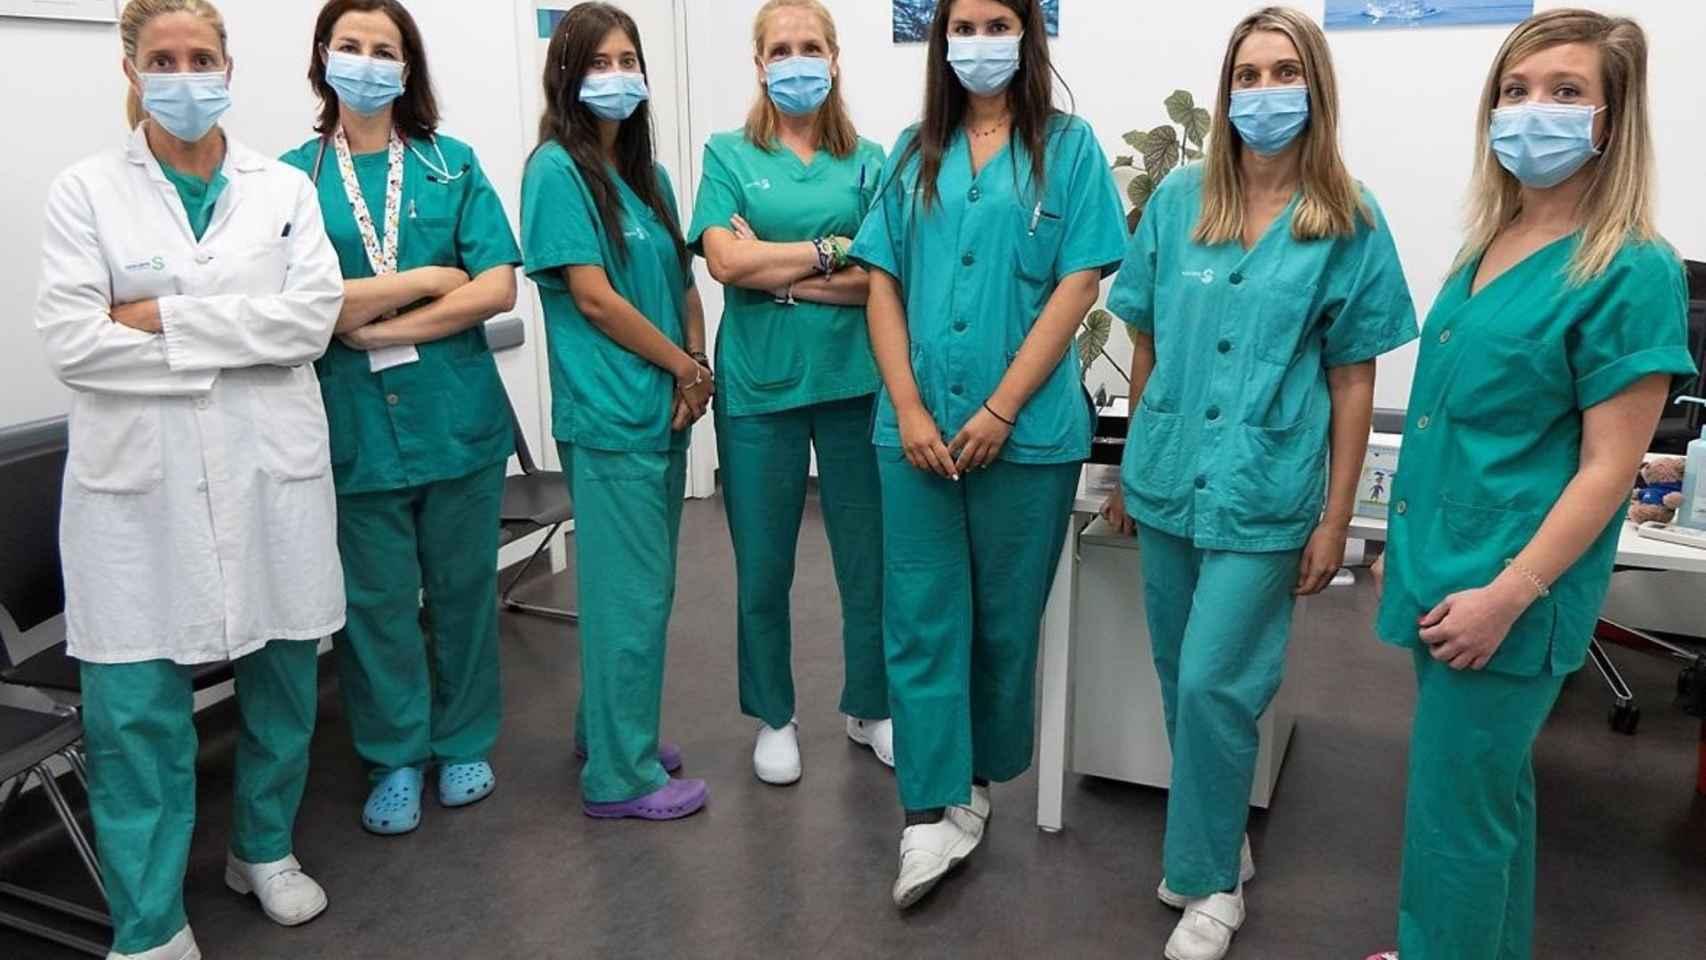 Imágenes del día en CLM: Importante estudio sobre la apnea en niños del Hospital de Guadalajara